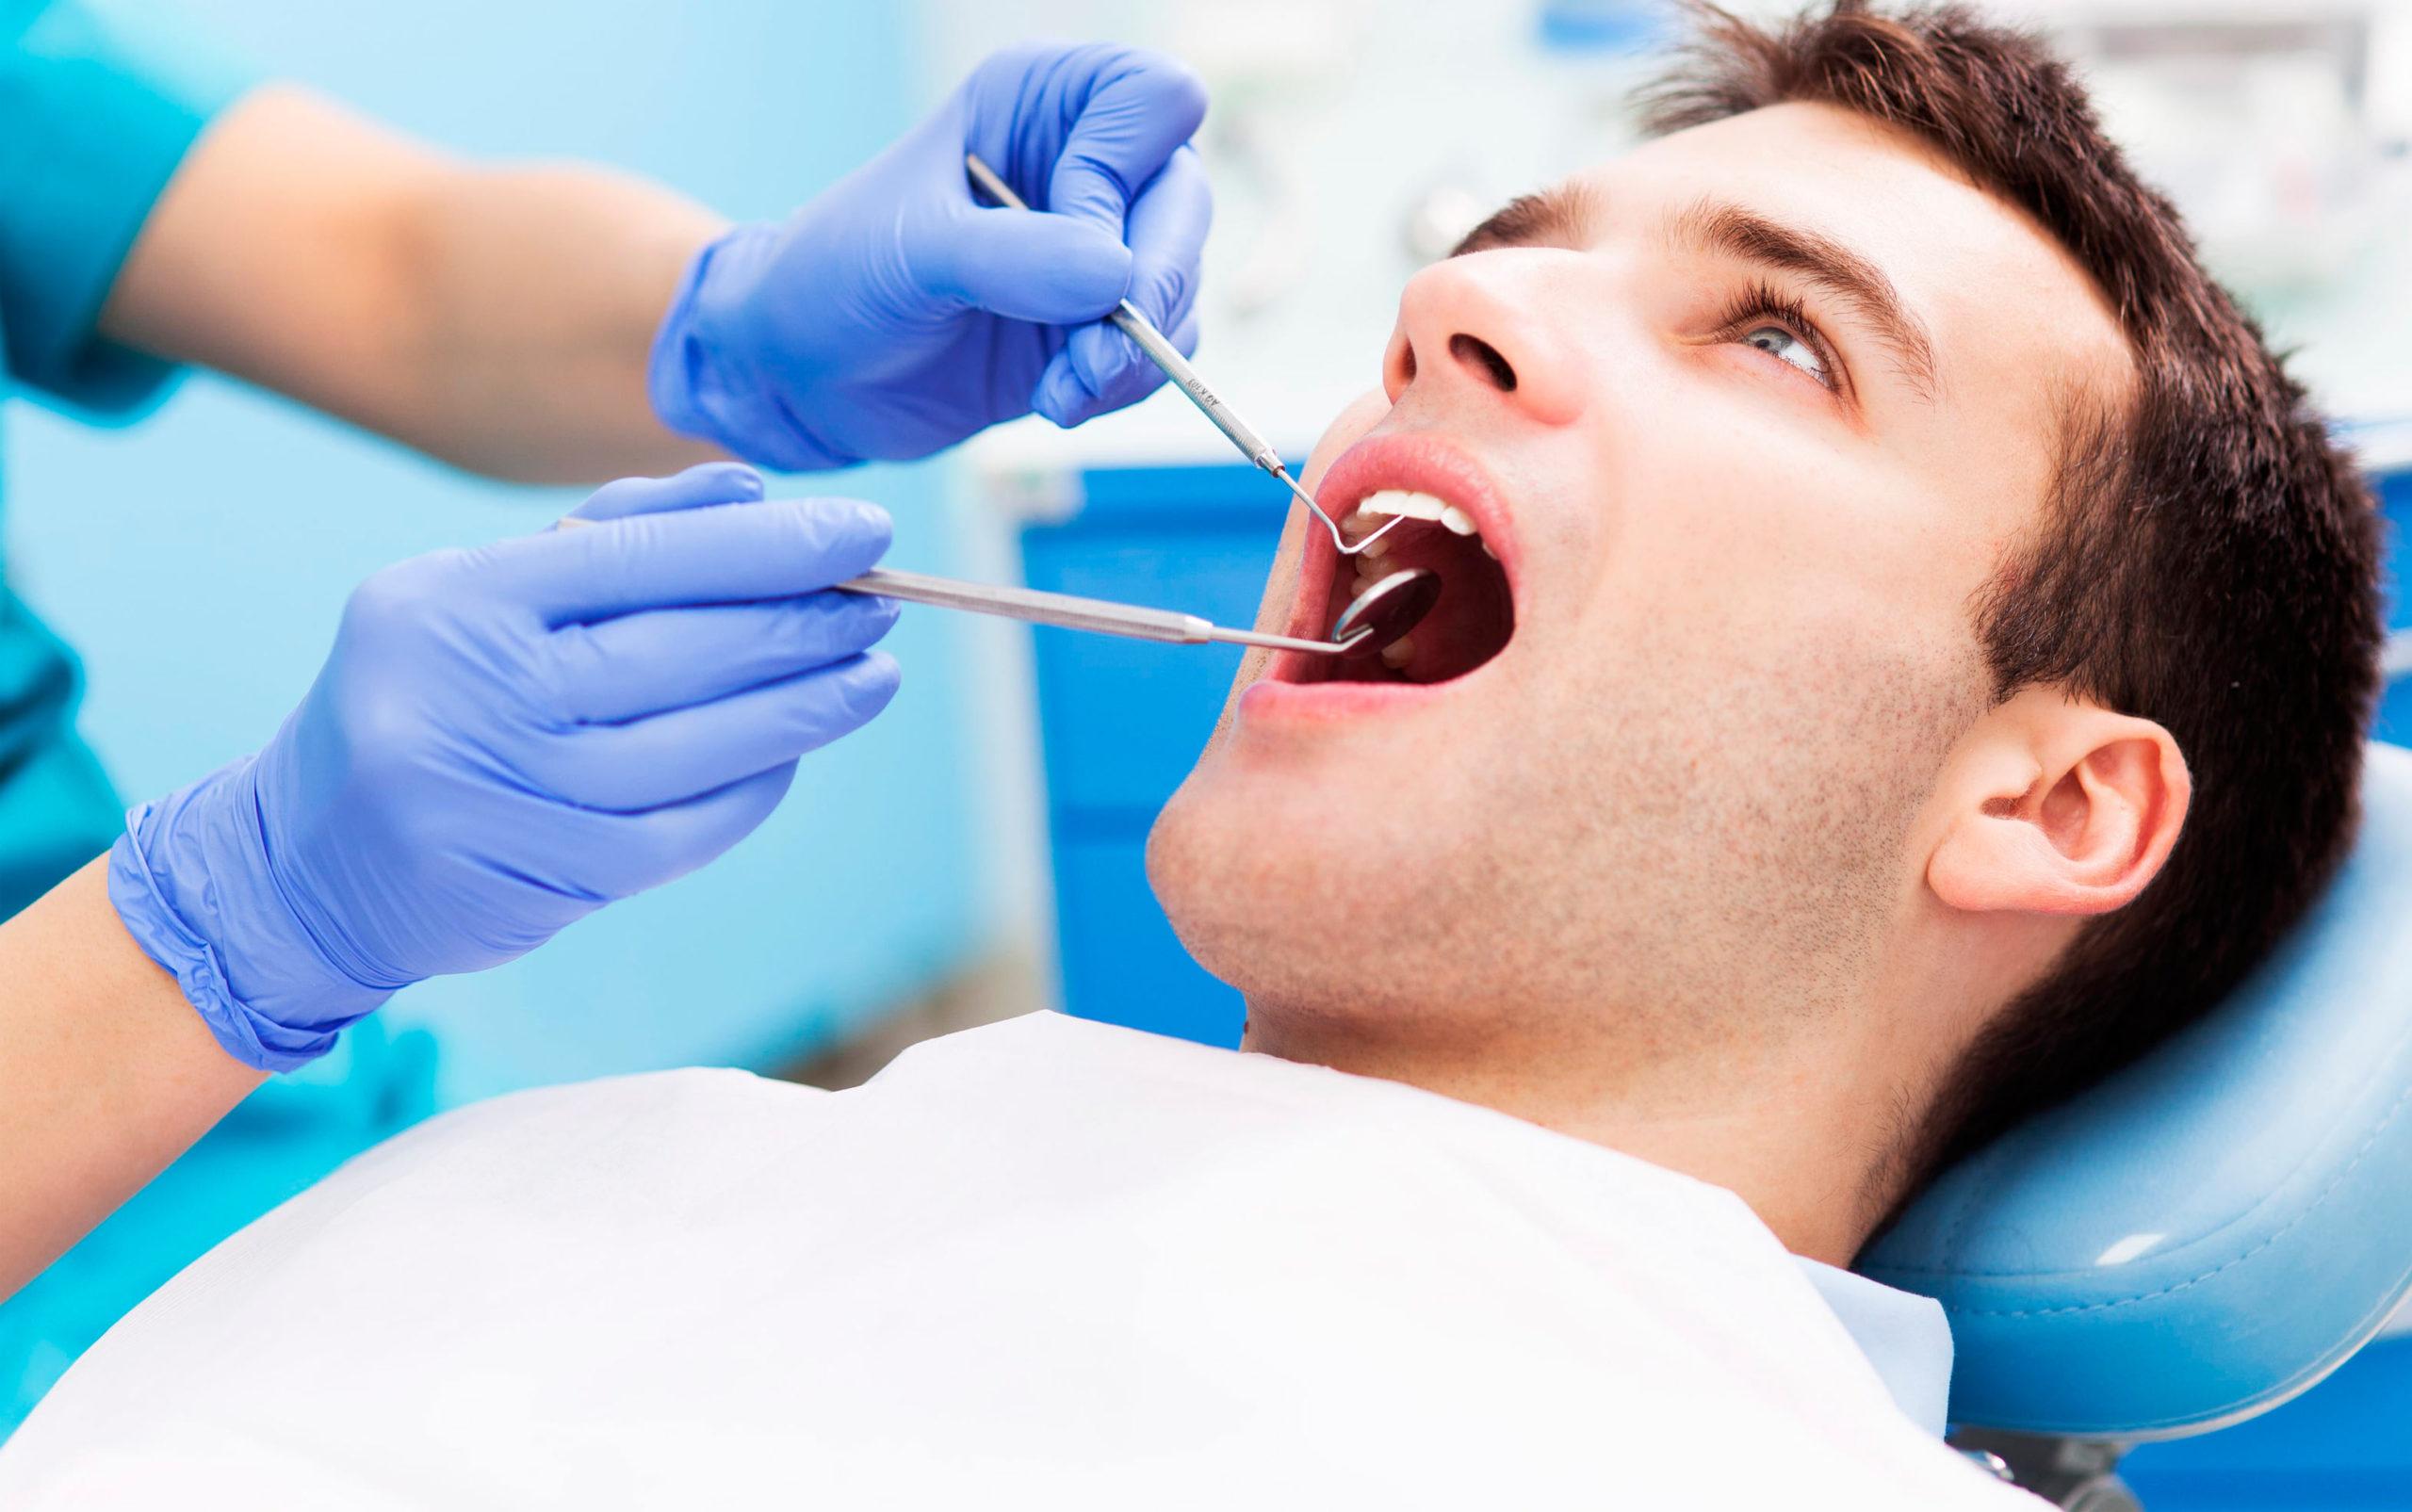 нужен ли стоматологии сайт, что должно быть на сайте стоматологической клиники, сайт для стоматологии, Постановления Правительства 1006, сайты для стоматологий, сайт стоматологии разработка